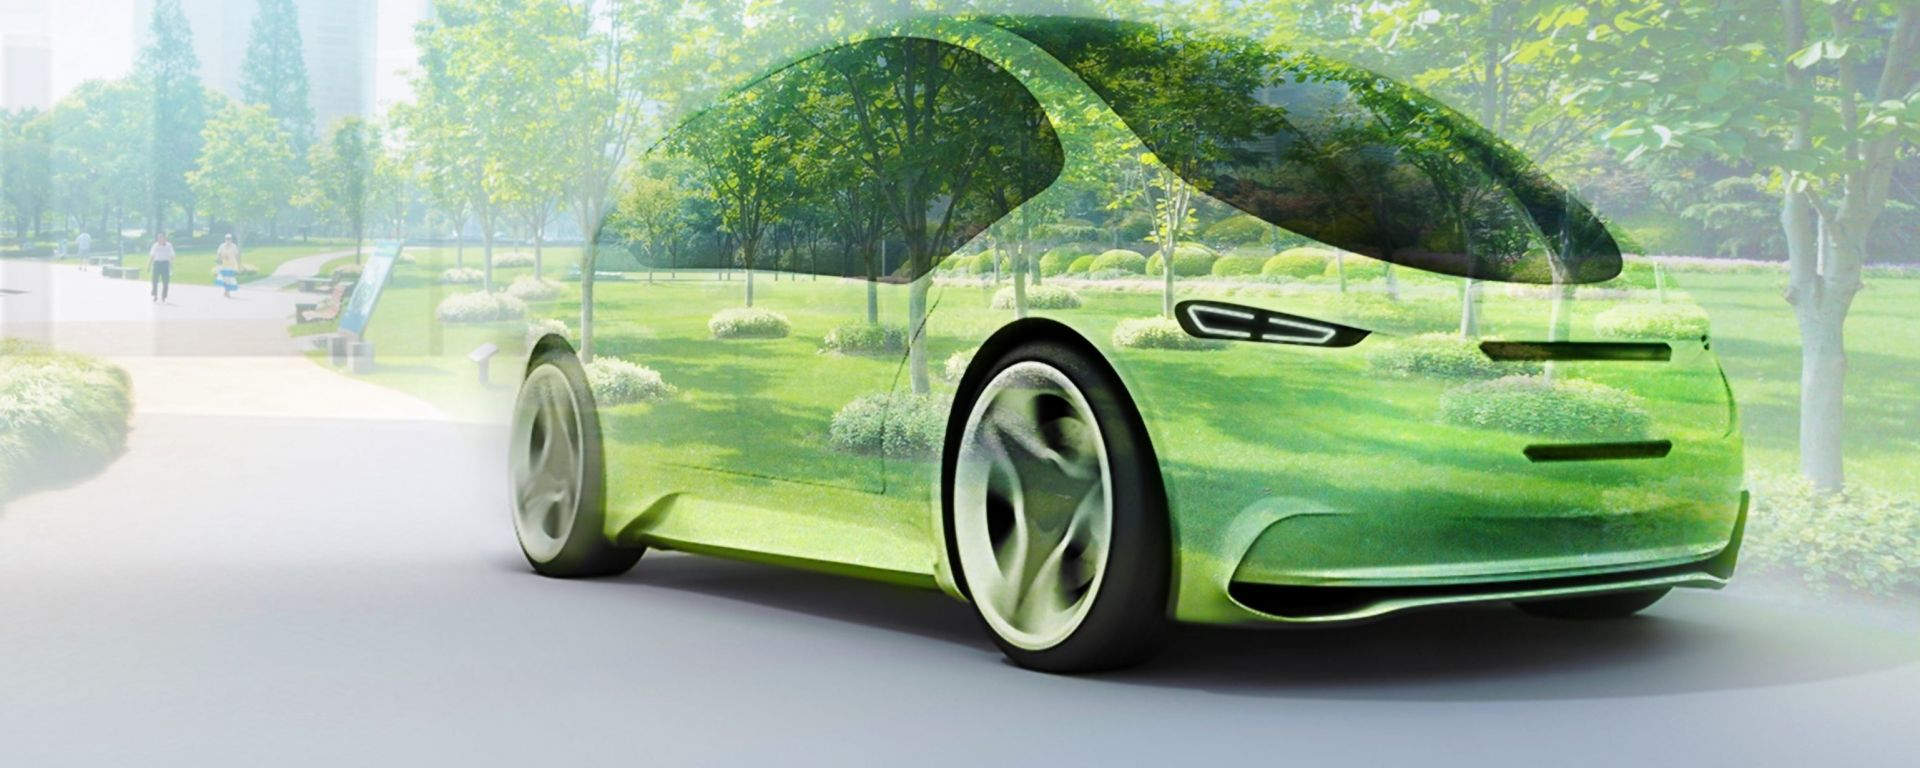 Auto green: verso una mobilità più sostenibile